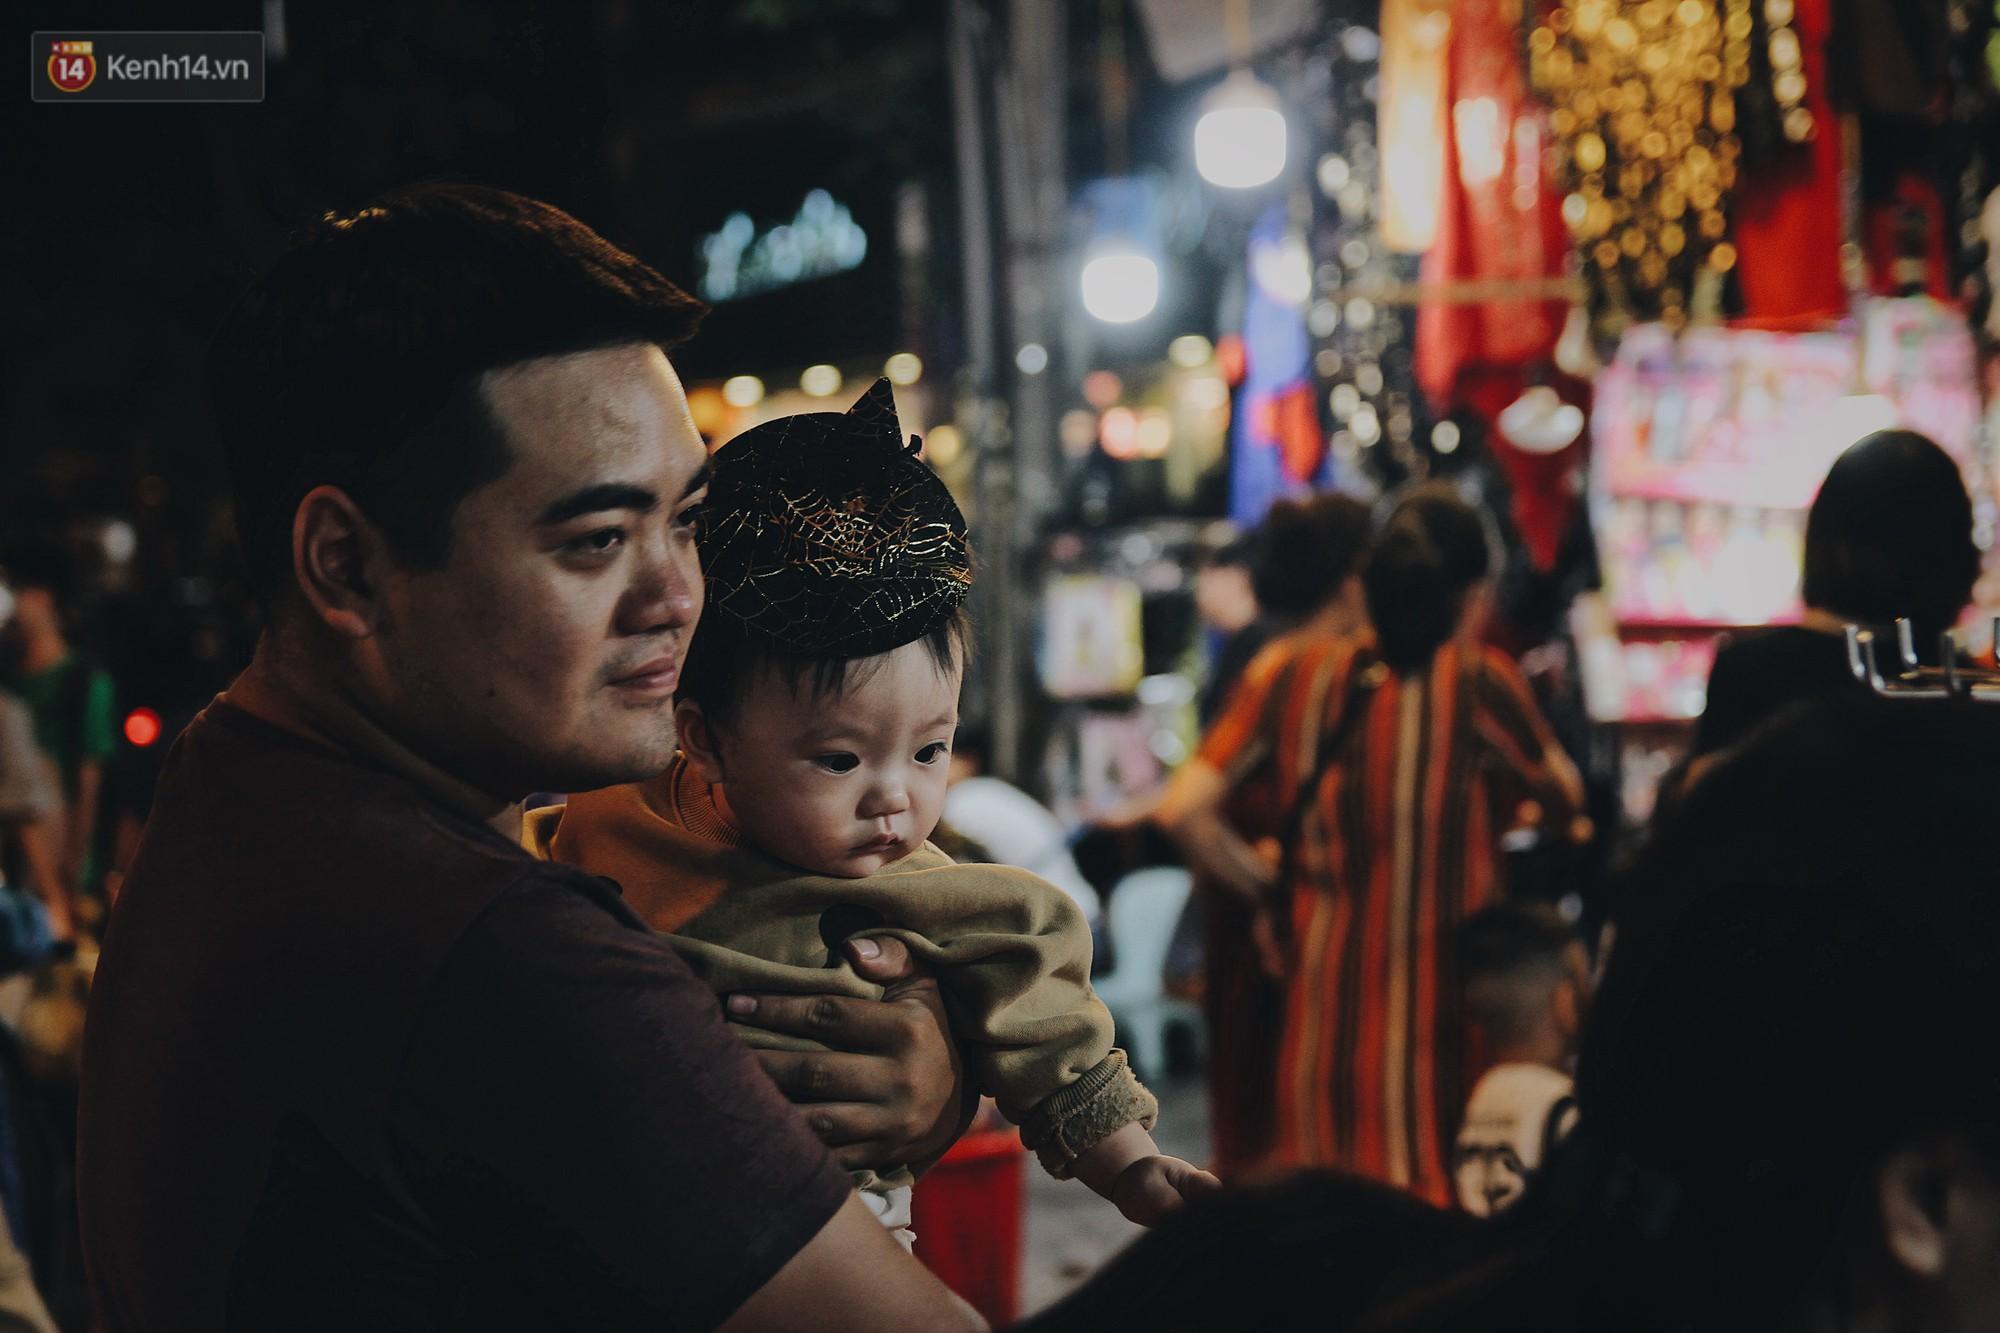 Hình ảnh Halloween tại phố Hàng Mã Hà Nội - Ảnh 12.